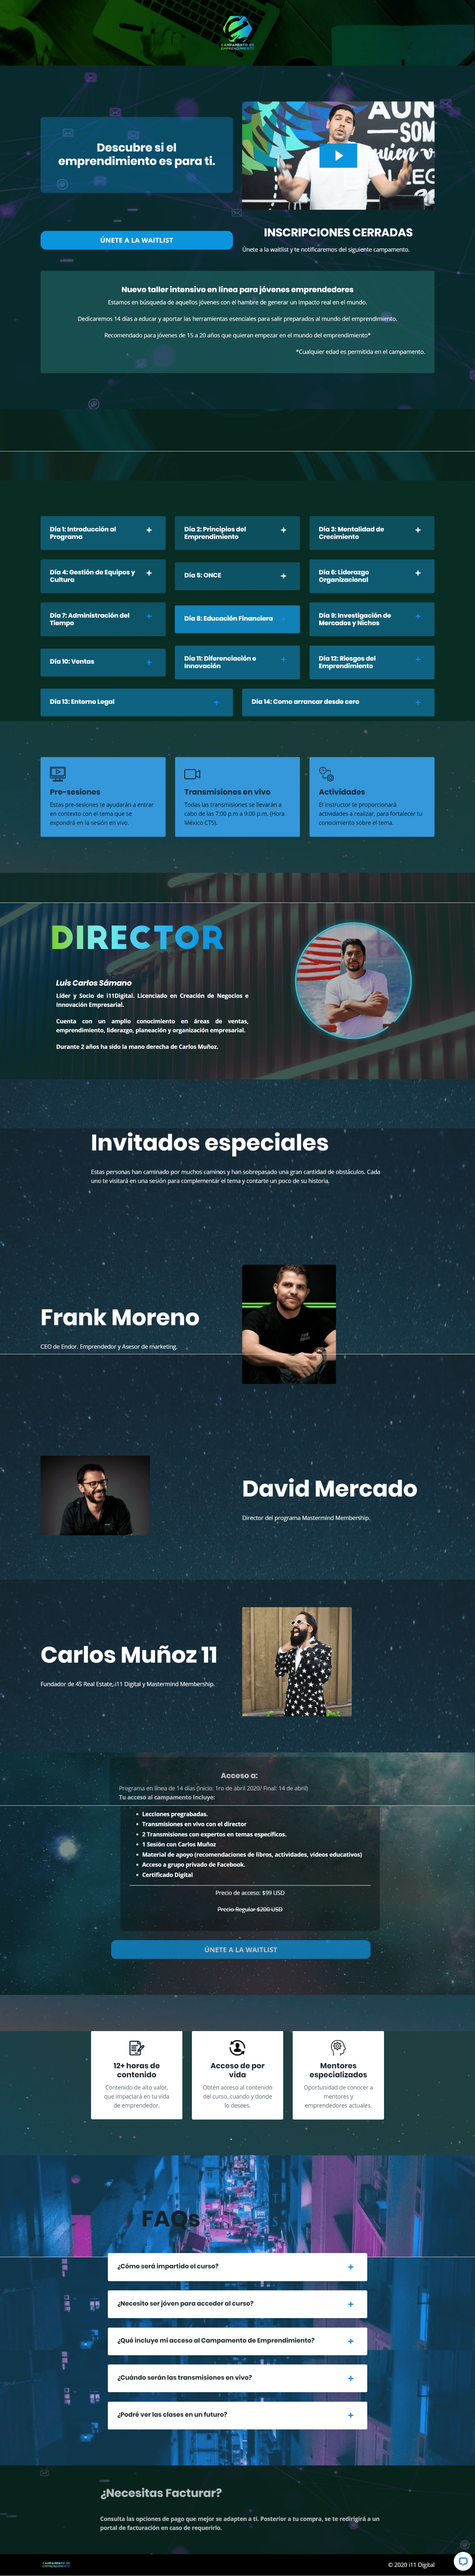 Campamento de Emprendimiento Carlos Munoz 11 1